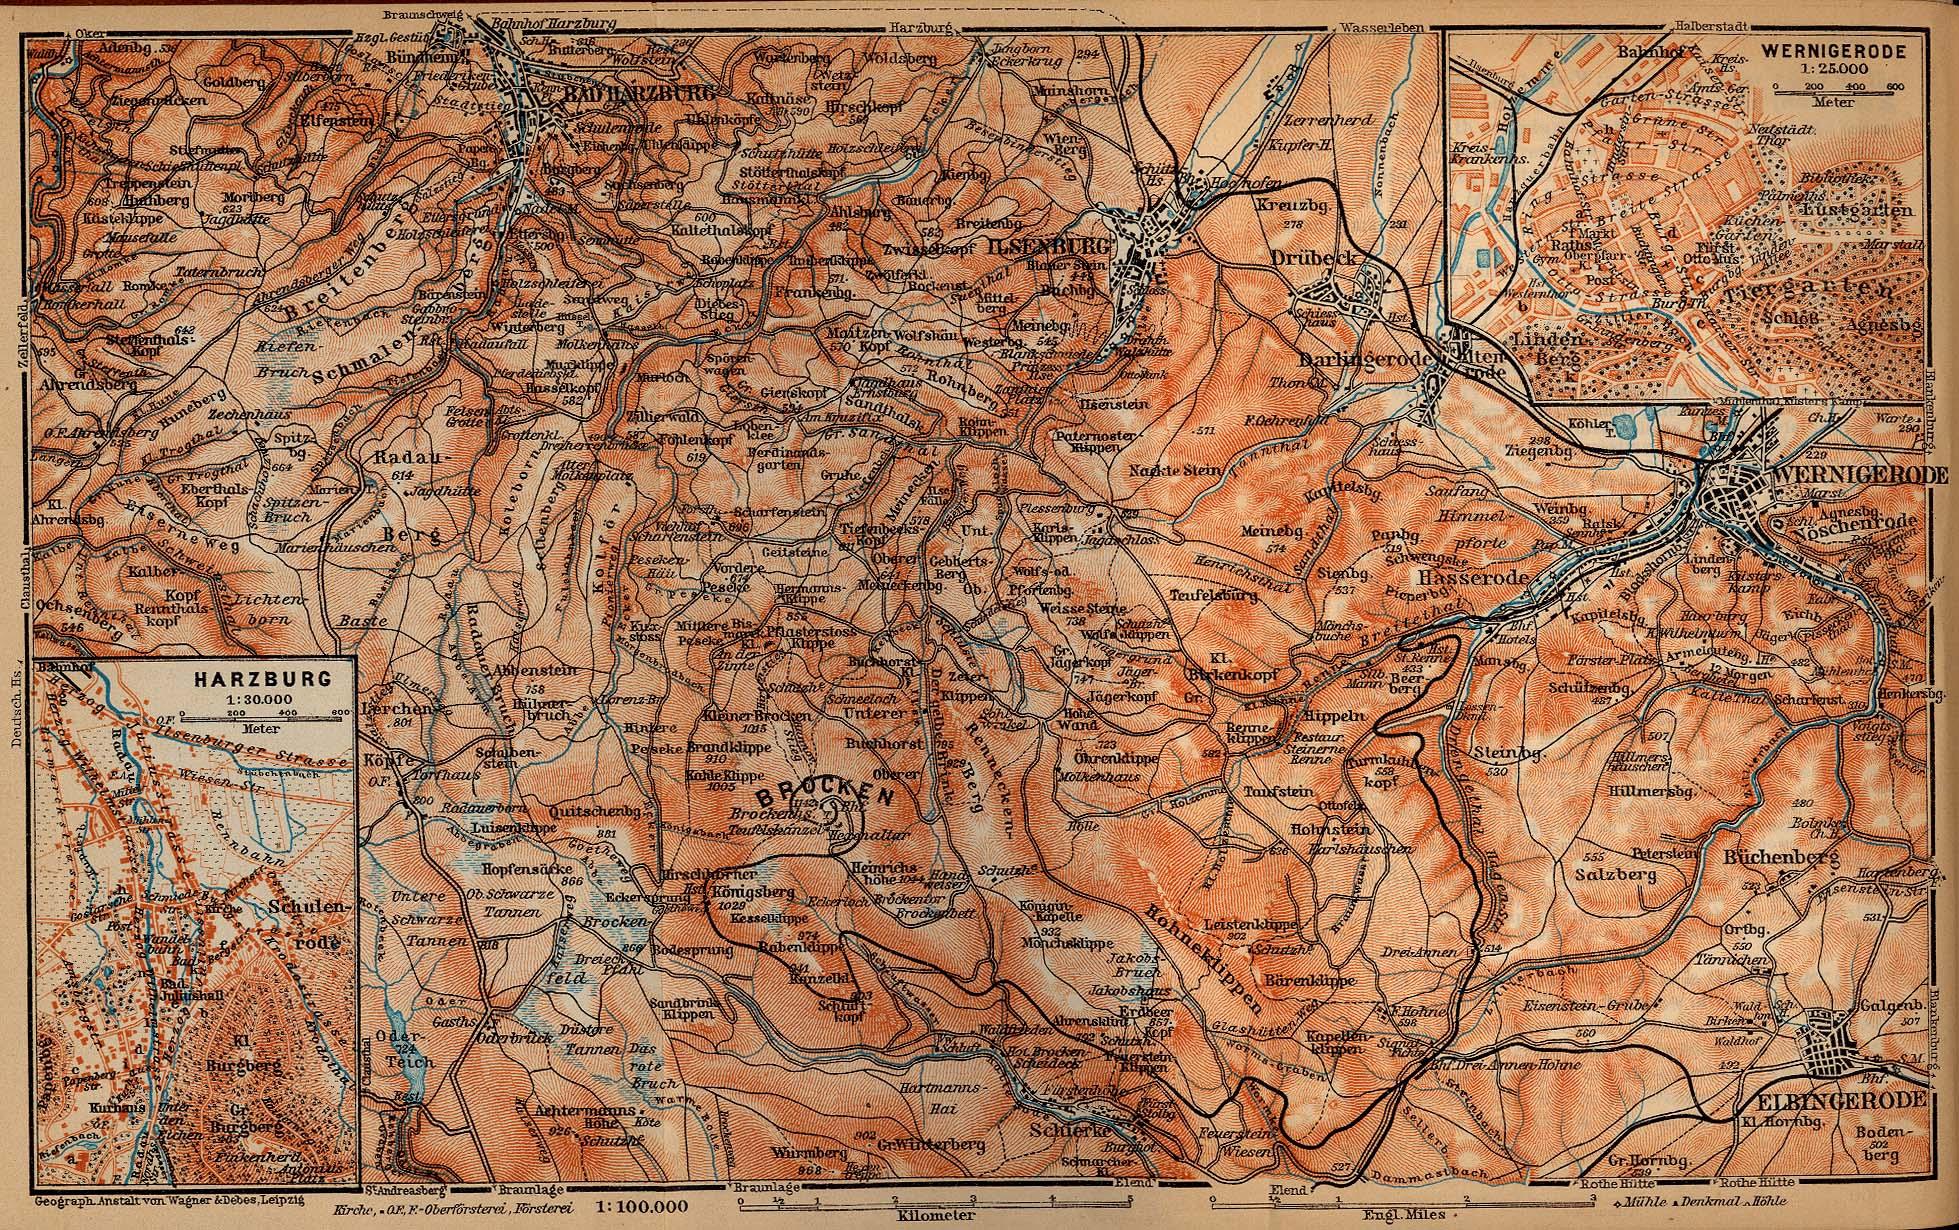 Mapa de las Montañas Harz Desde WerNígerode Hasta El Brocken, Alemania 1910